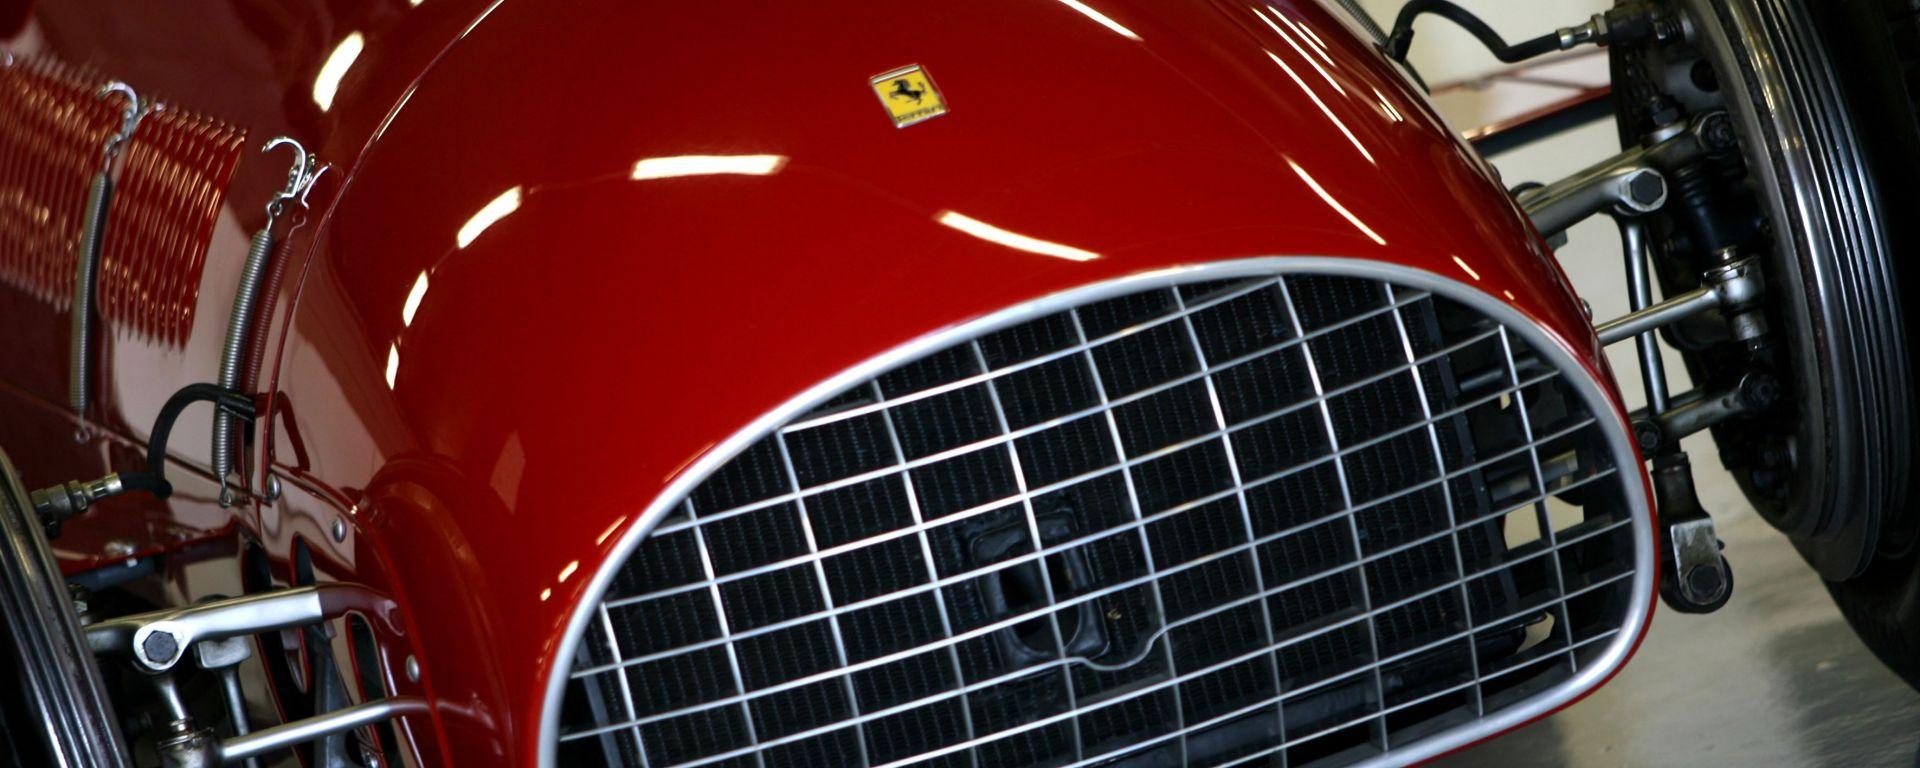 F1 GP Gran Bretagna 2011, Silverstone: la Ferrari 375 del 1950-1951